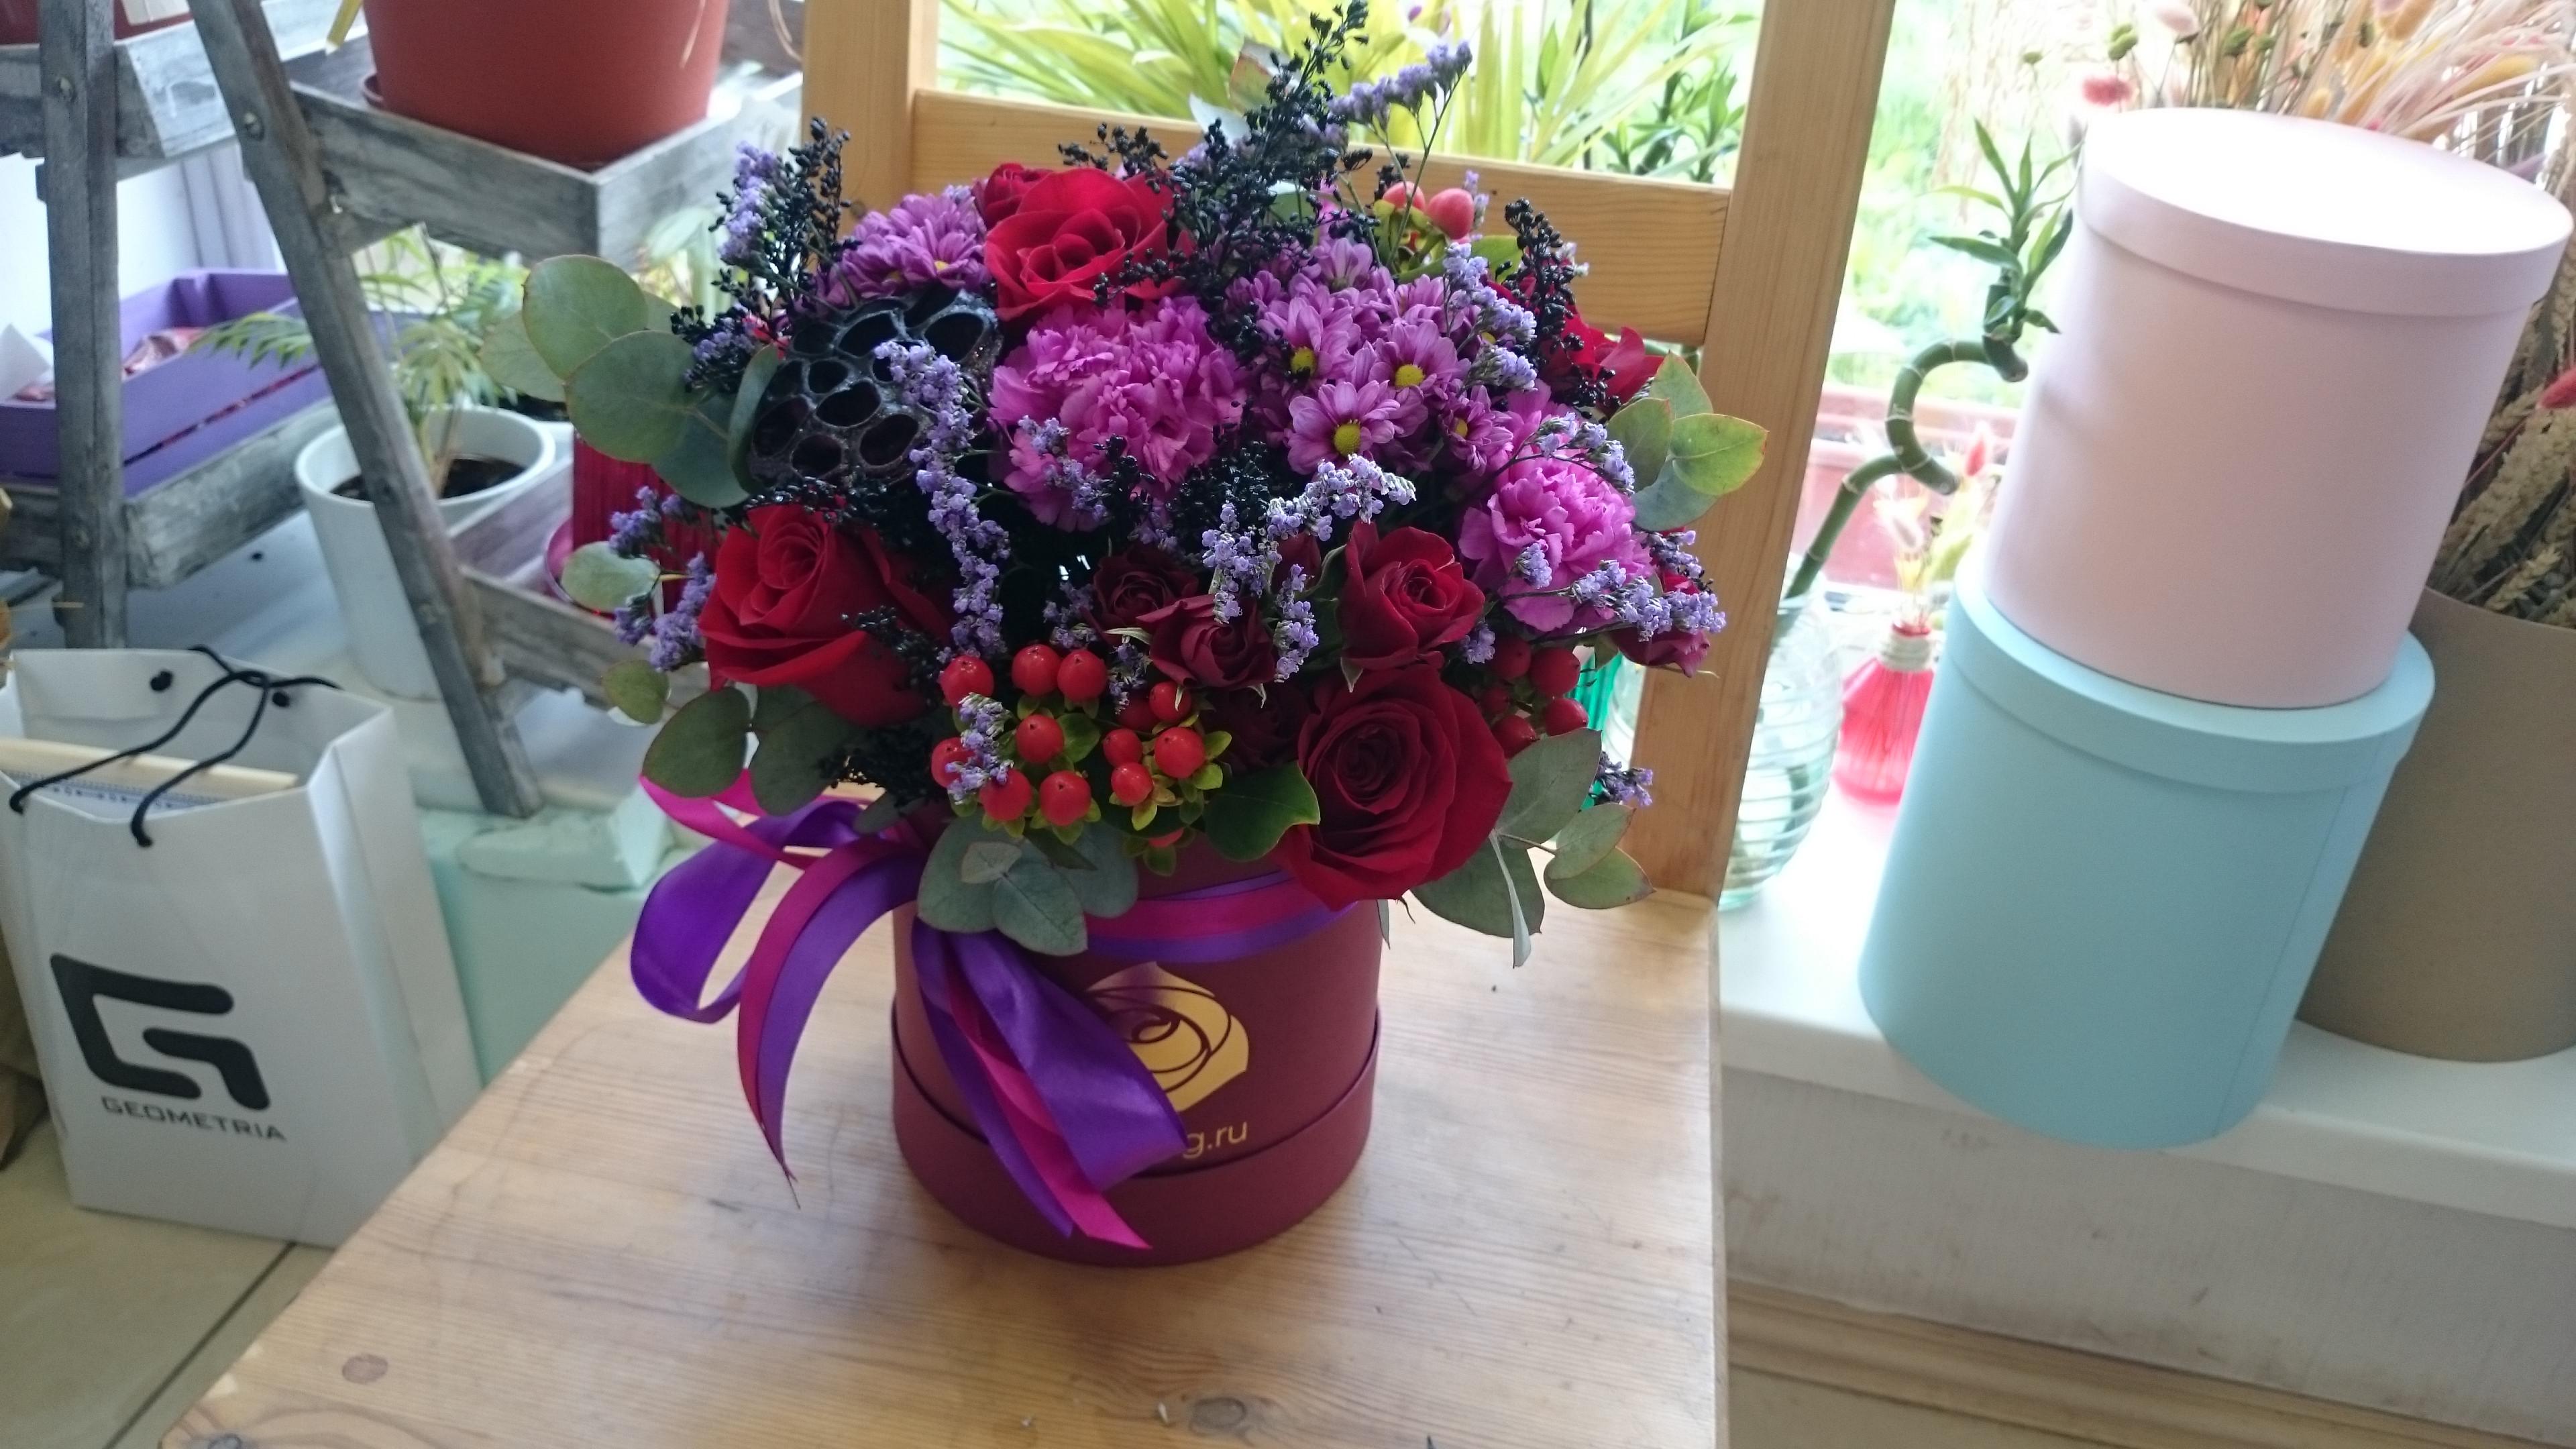 Цветов чеченской, служба доставкой цветы екатеринбург отзывы